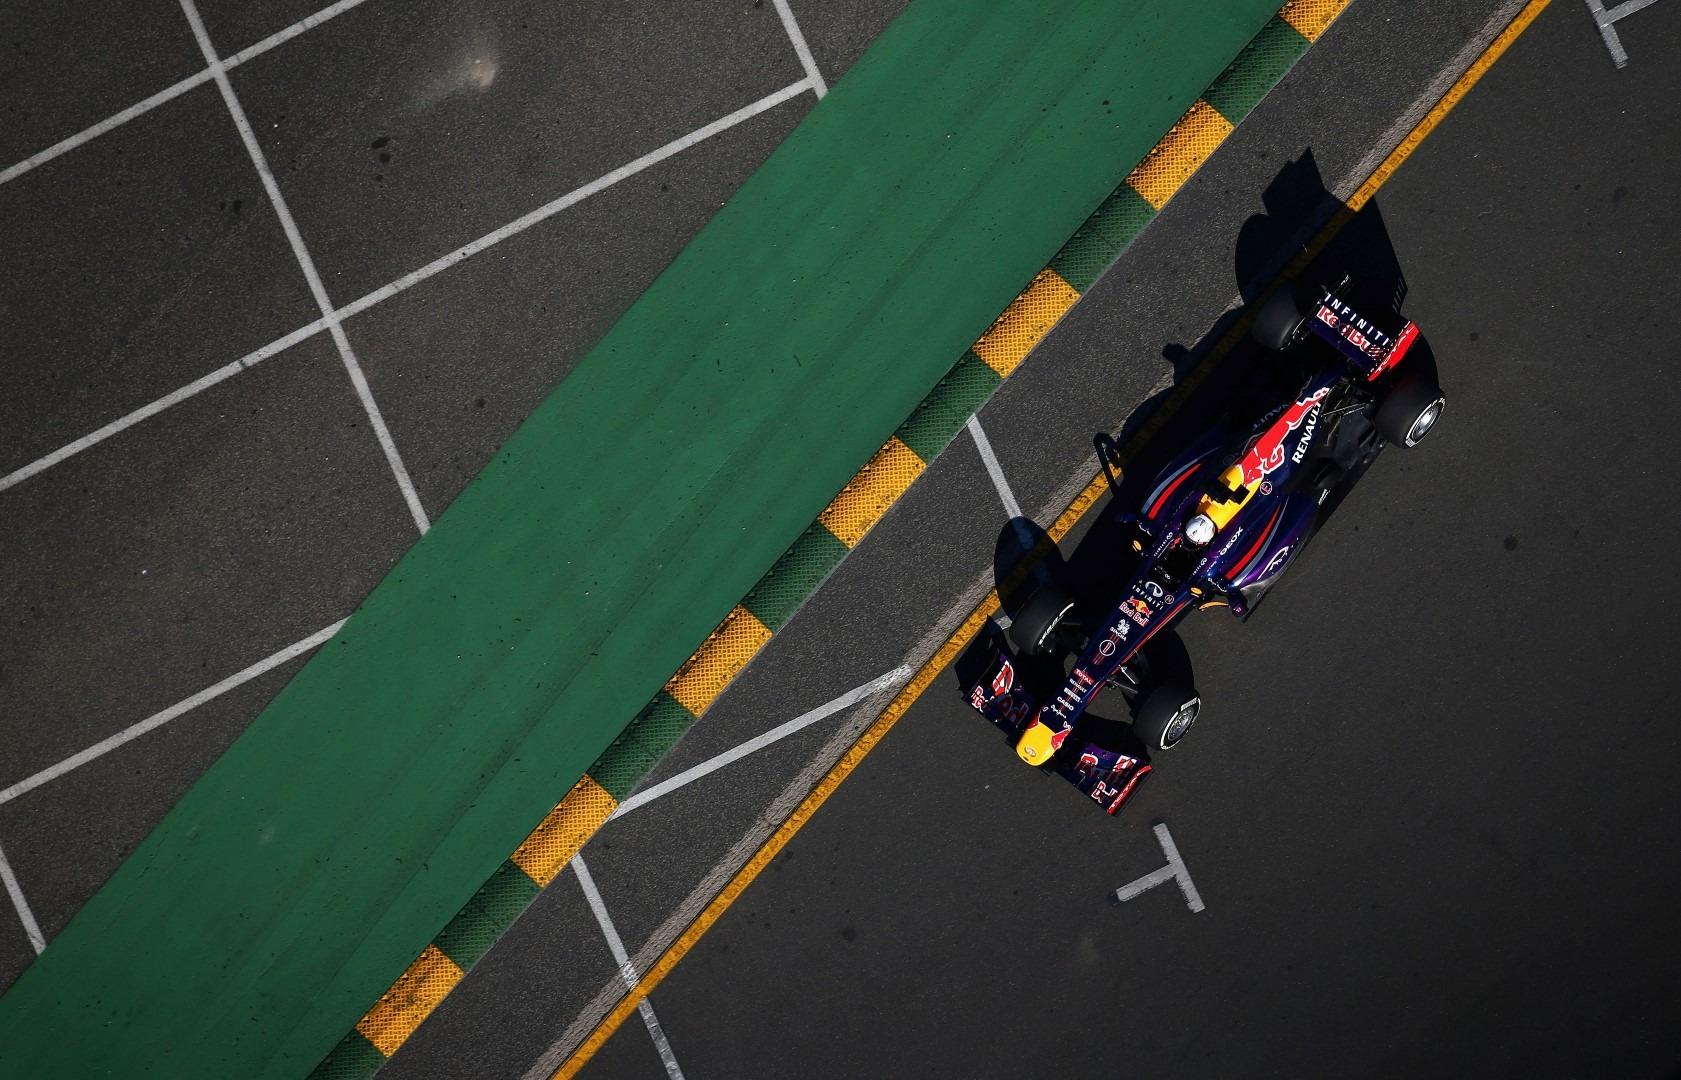 Sebastian Vettel qualifying 1st in his Red Bull RB9